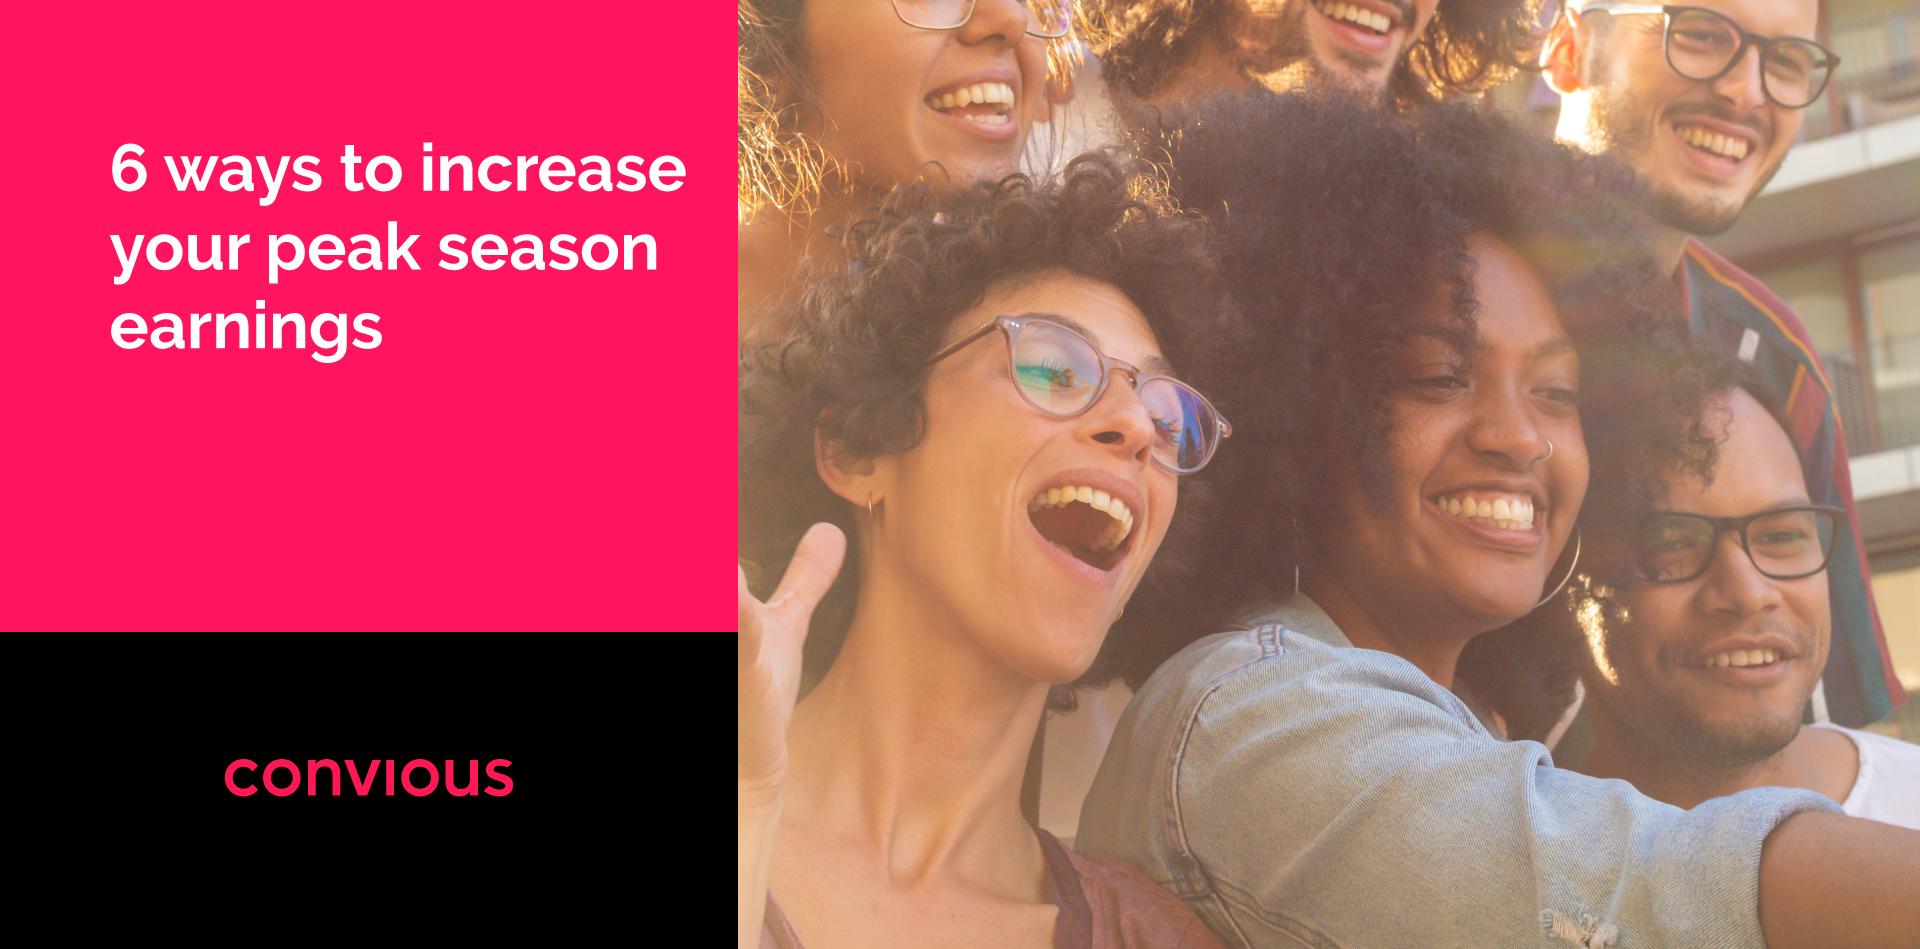 6 ways to increase your peak season earnings